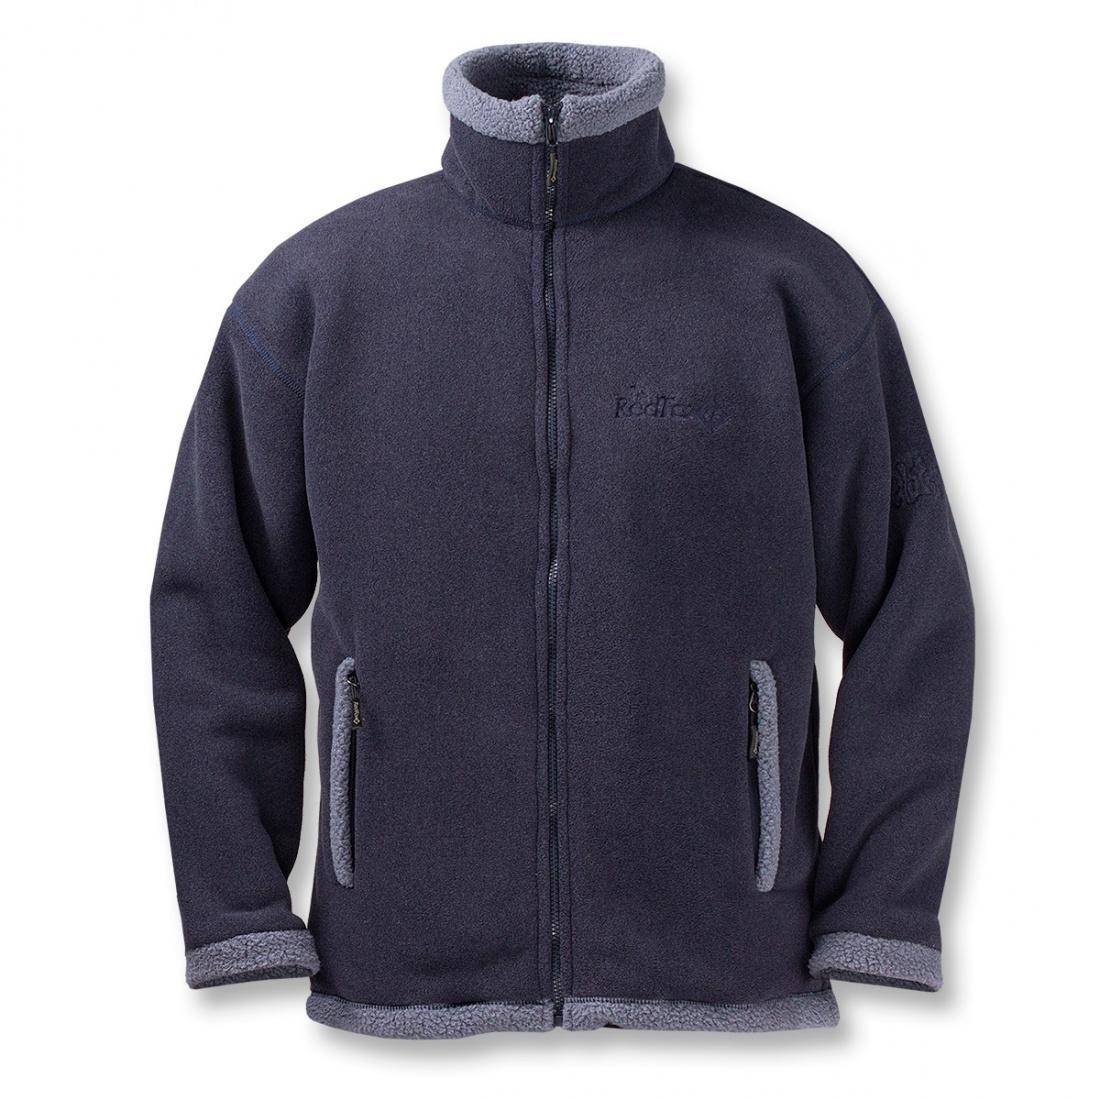 Куртка Cliff МужскаяКуртки<br><br> Модель курток Сliff признана одной из самых популярных в коллекции Red Fox среди изделий из материаловPolartec®.<br><br><br> <br><br><br><br><br>Мат...<br><br>Цвет: Синий<br>Размер: 46